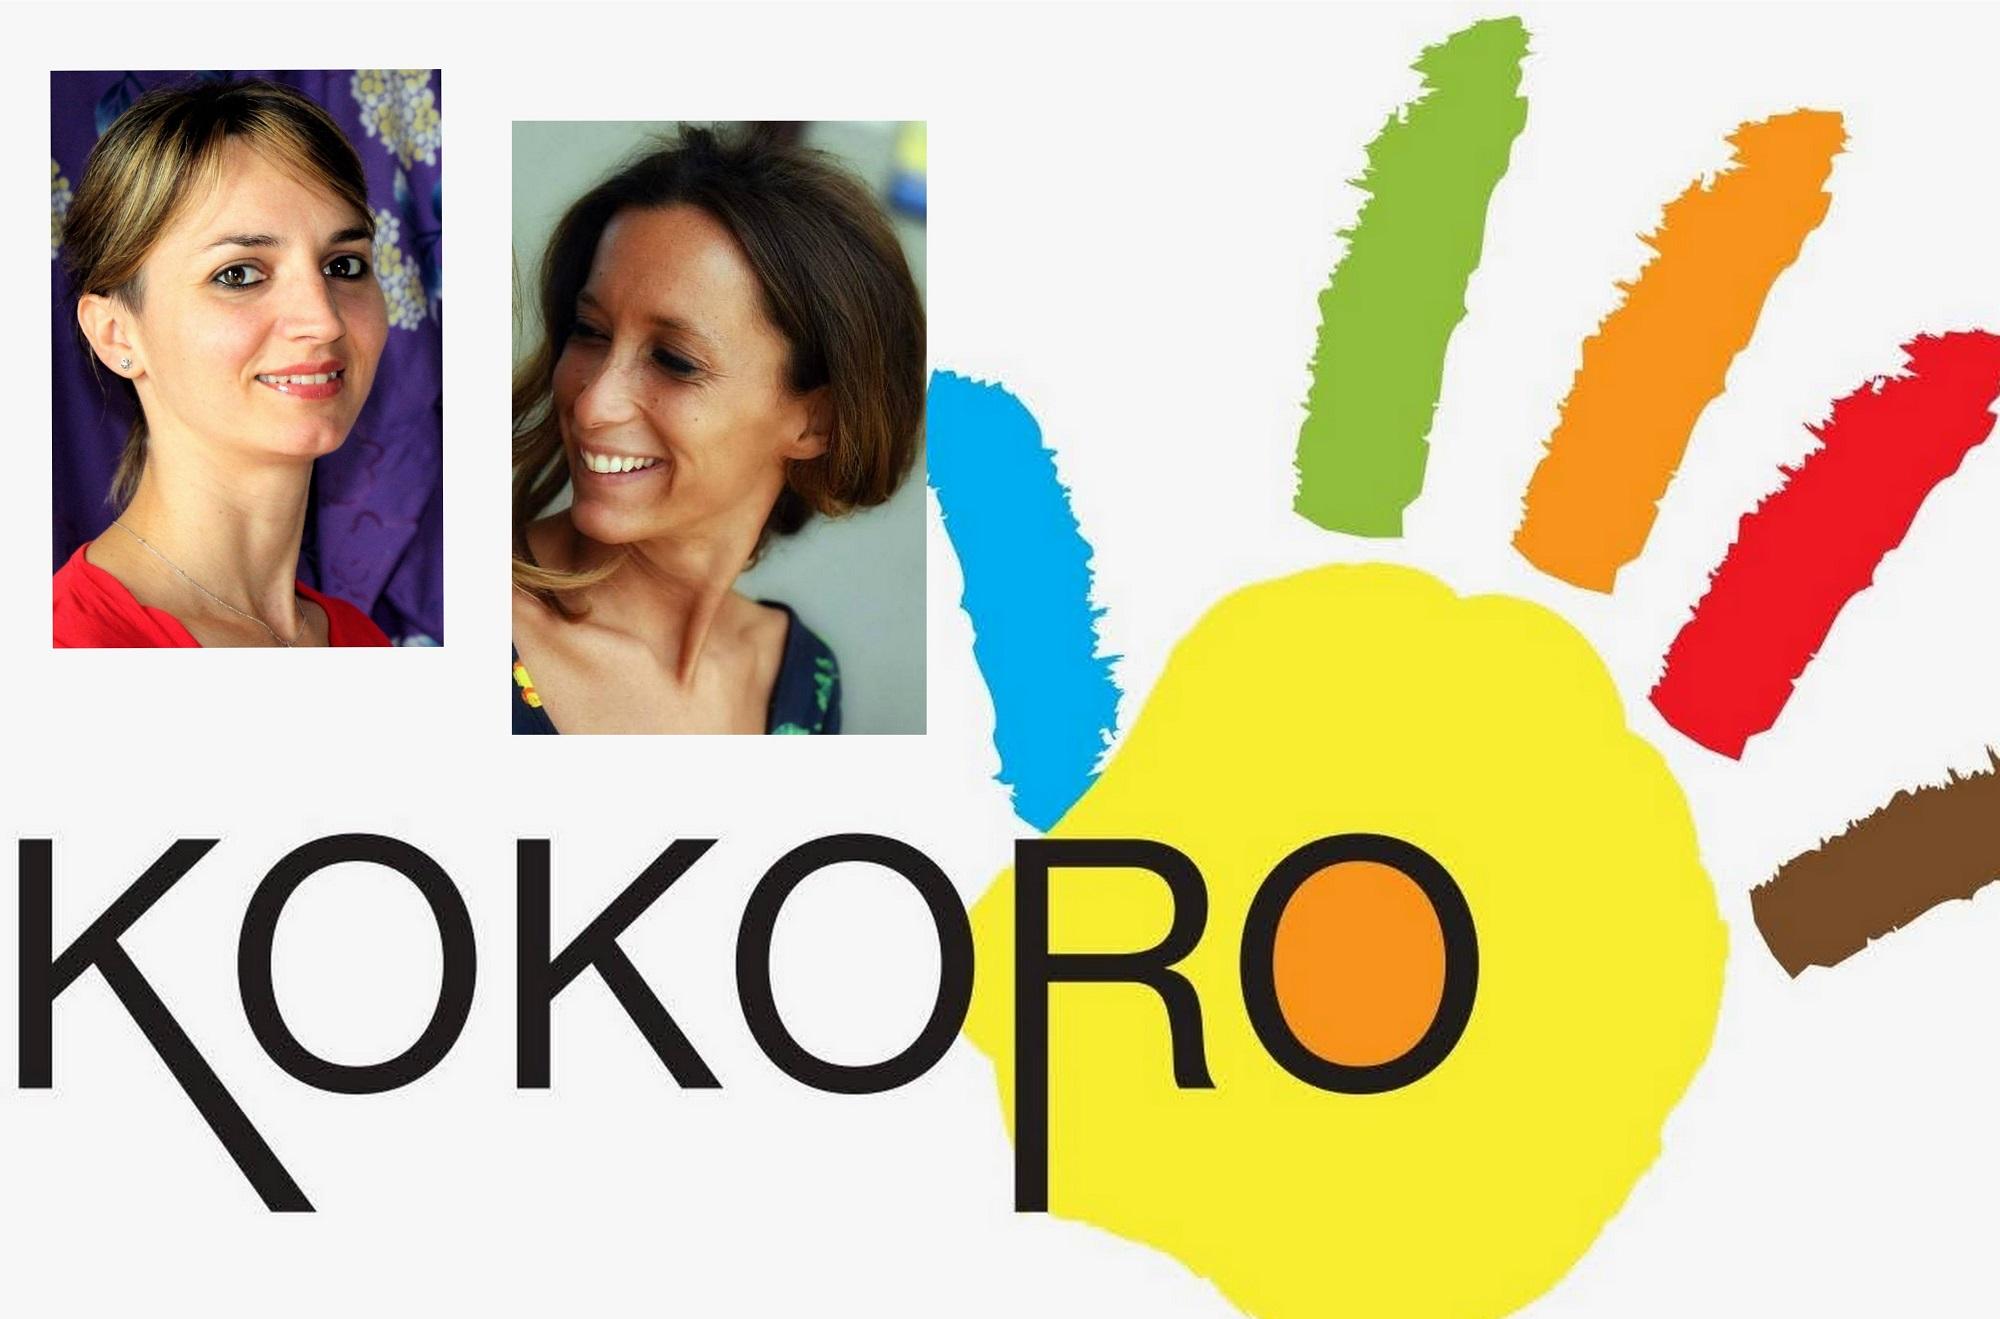 Chiara e Martina Di Francisca fondatrici dell'Associazione Kokoro APS di Jesi